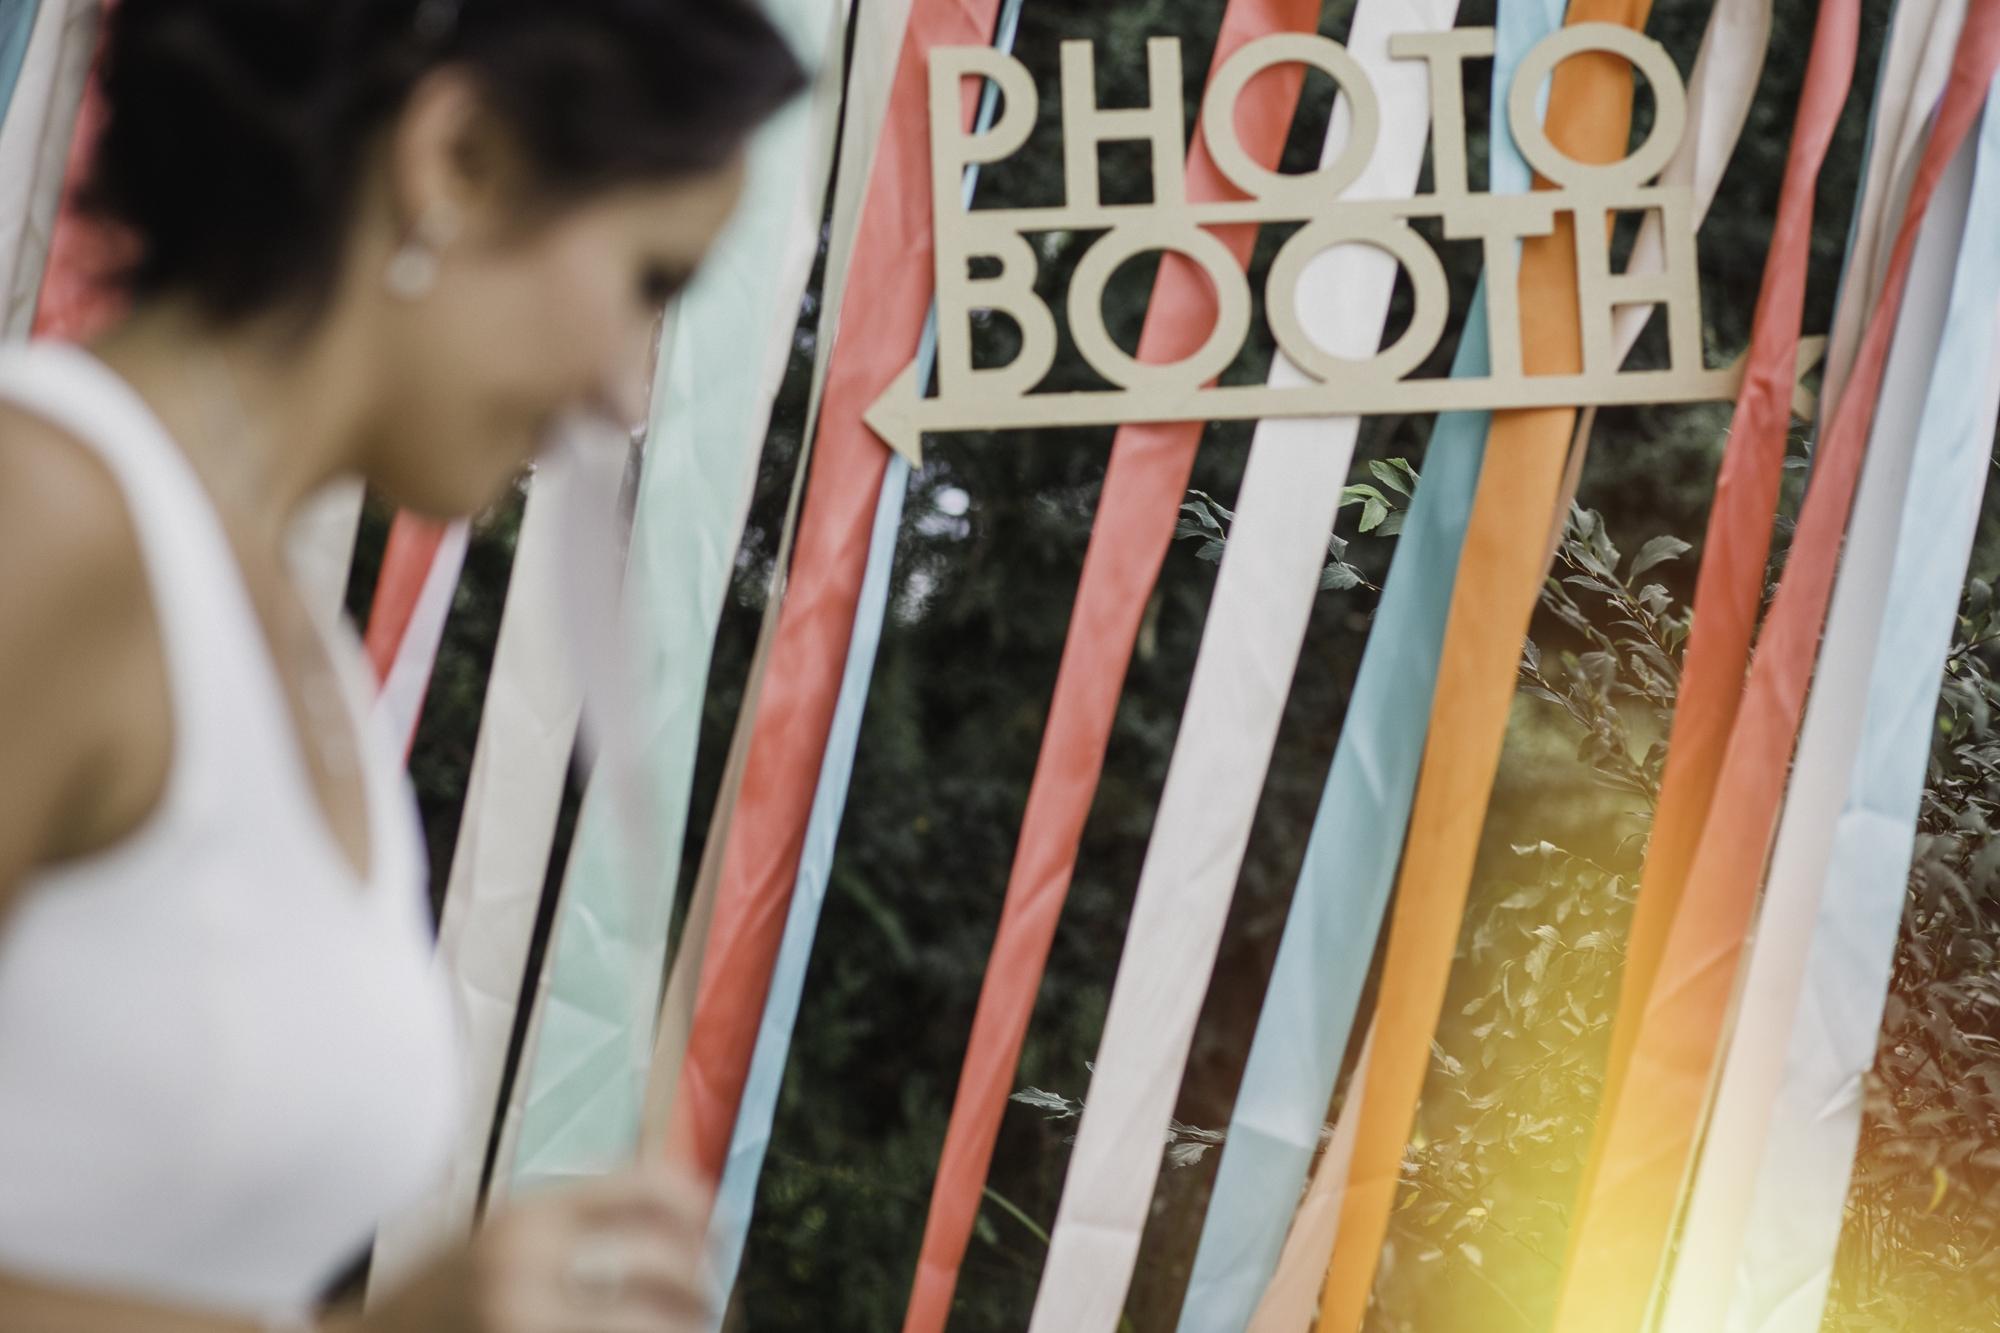 a&j photobooth web-6A&J photobooth.jpg